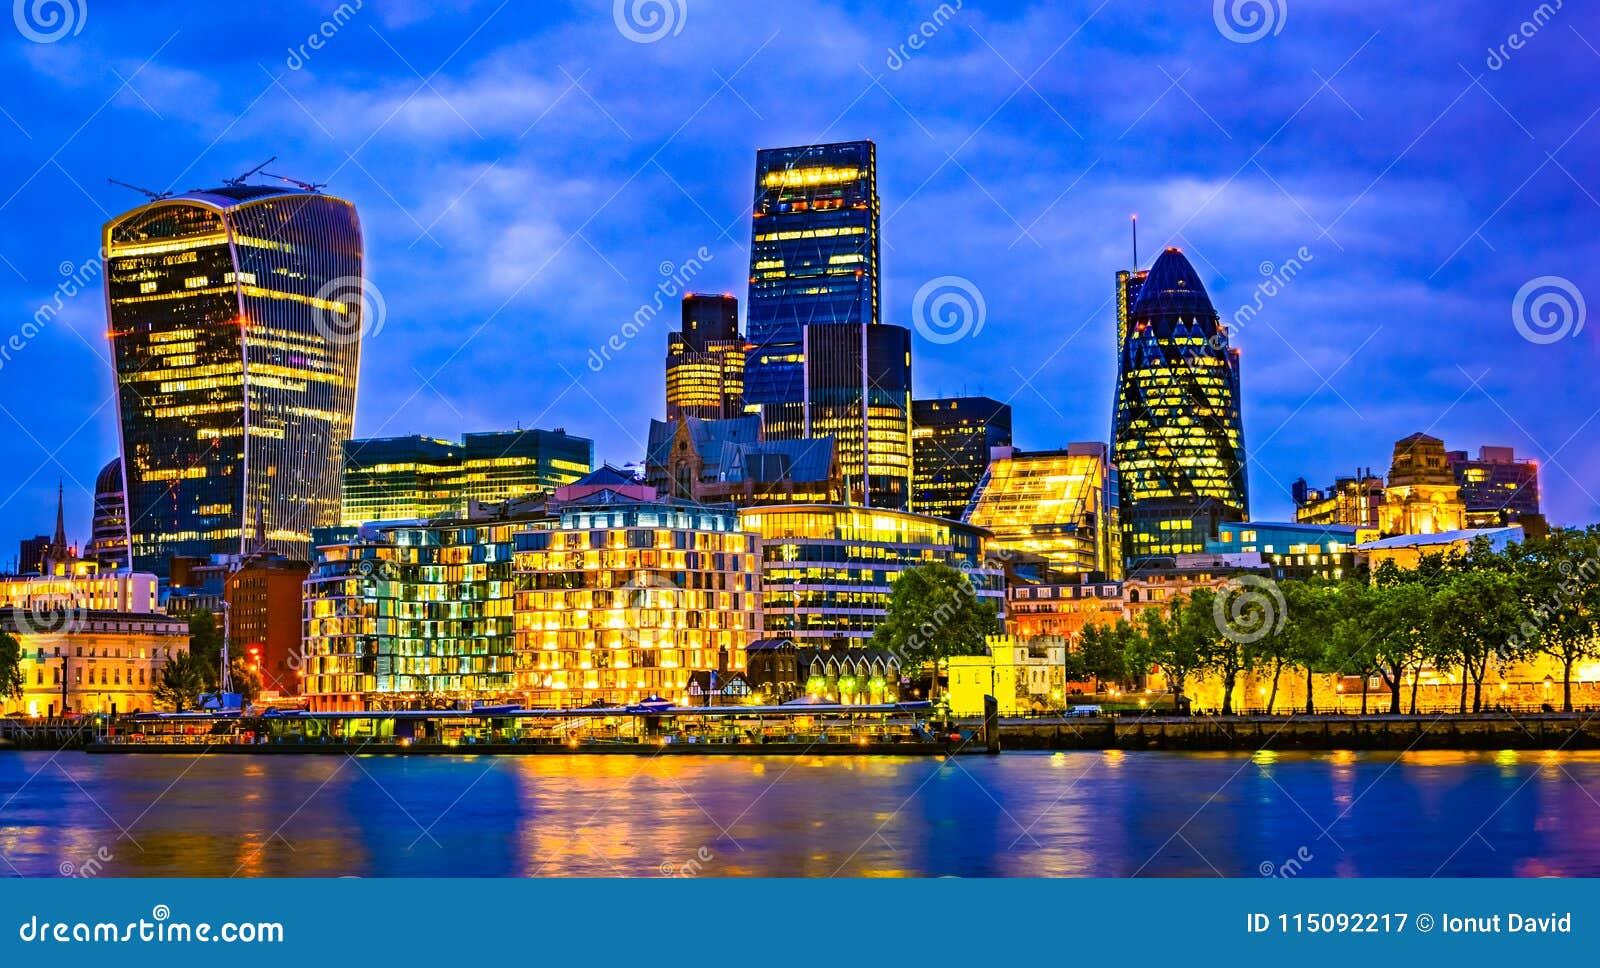 Londres, Grâ Bretanha, Reino Unido: Arquitetura da cidade em torno de Southwark, Thames River